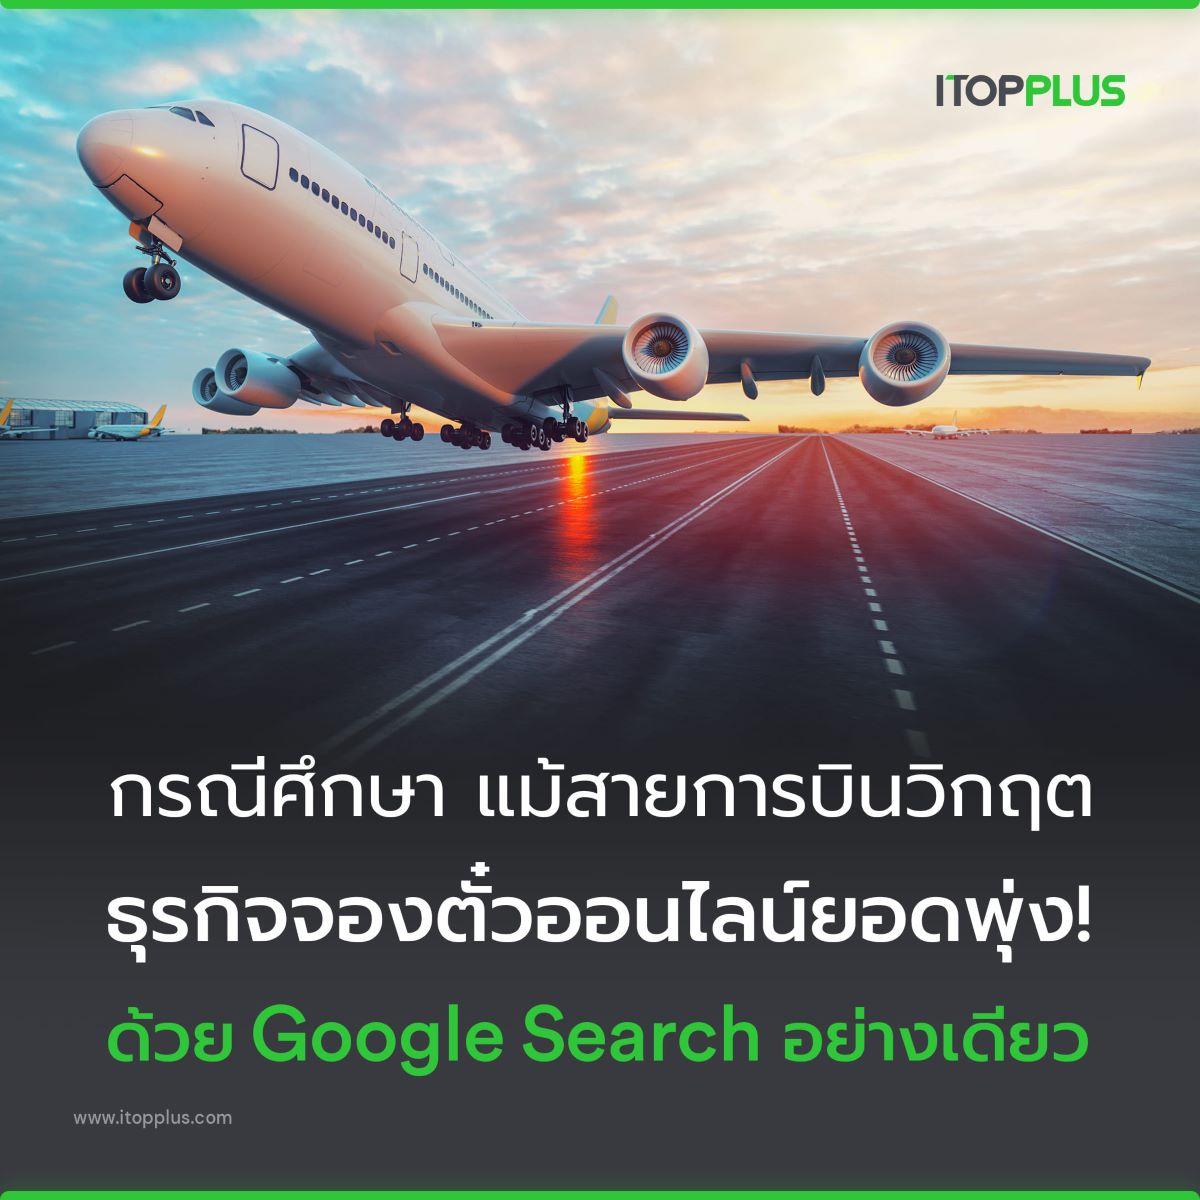 กรณีศึกษา แม้สายการบินวิกฤต ธุรกิจจองตั๋วออนไลน์ยอดพุ่ง ด้วย Google Search Ads อย่างเดียว!